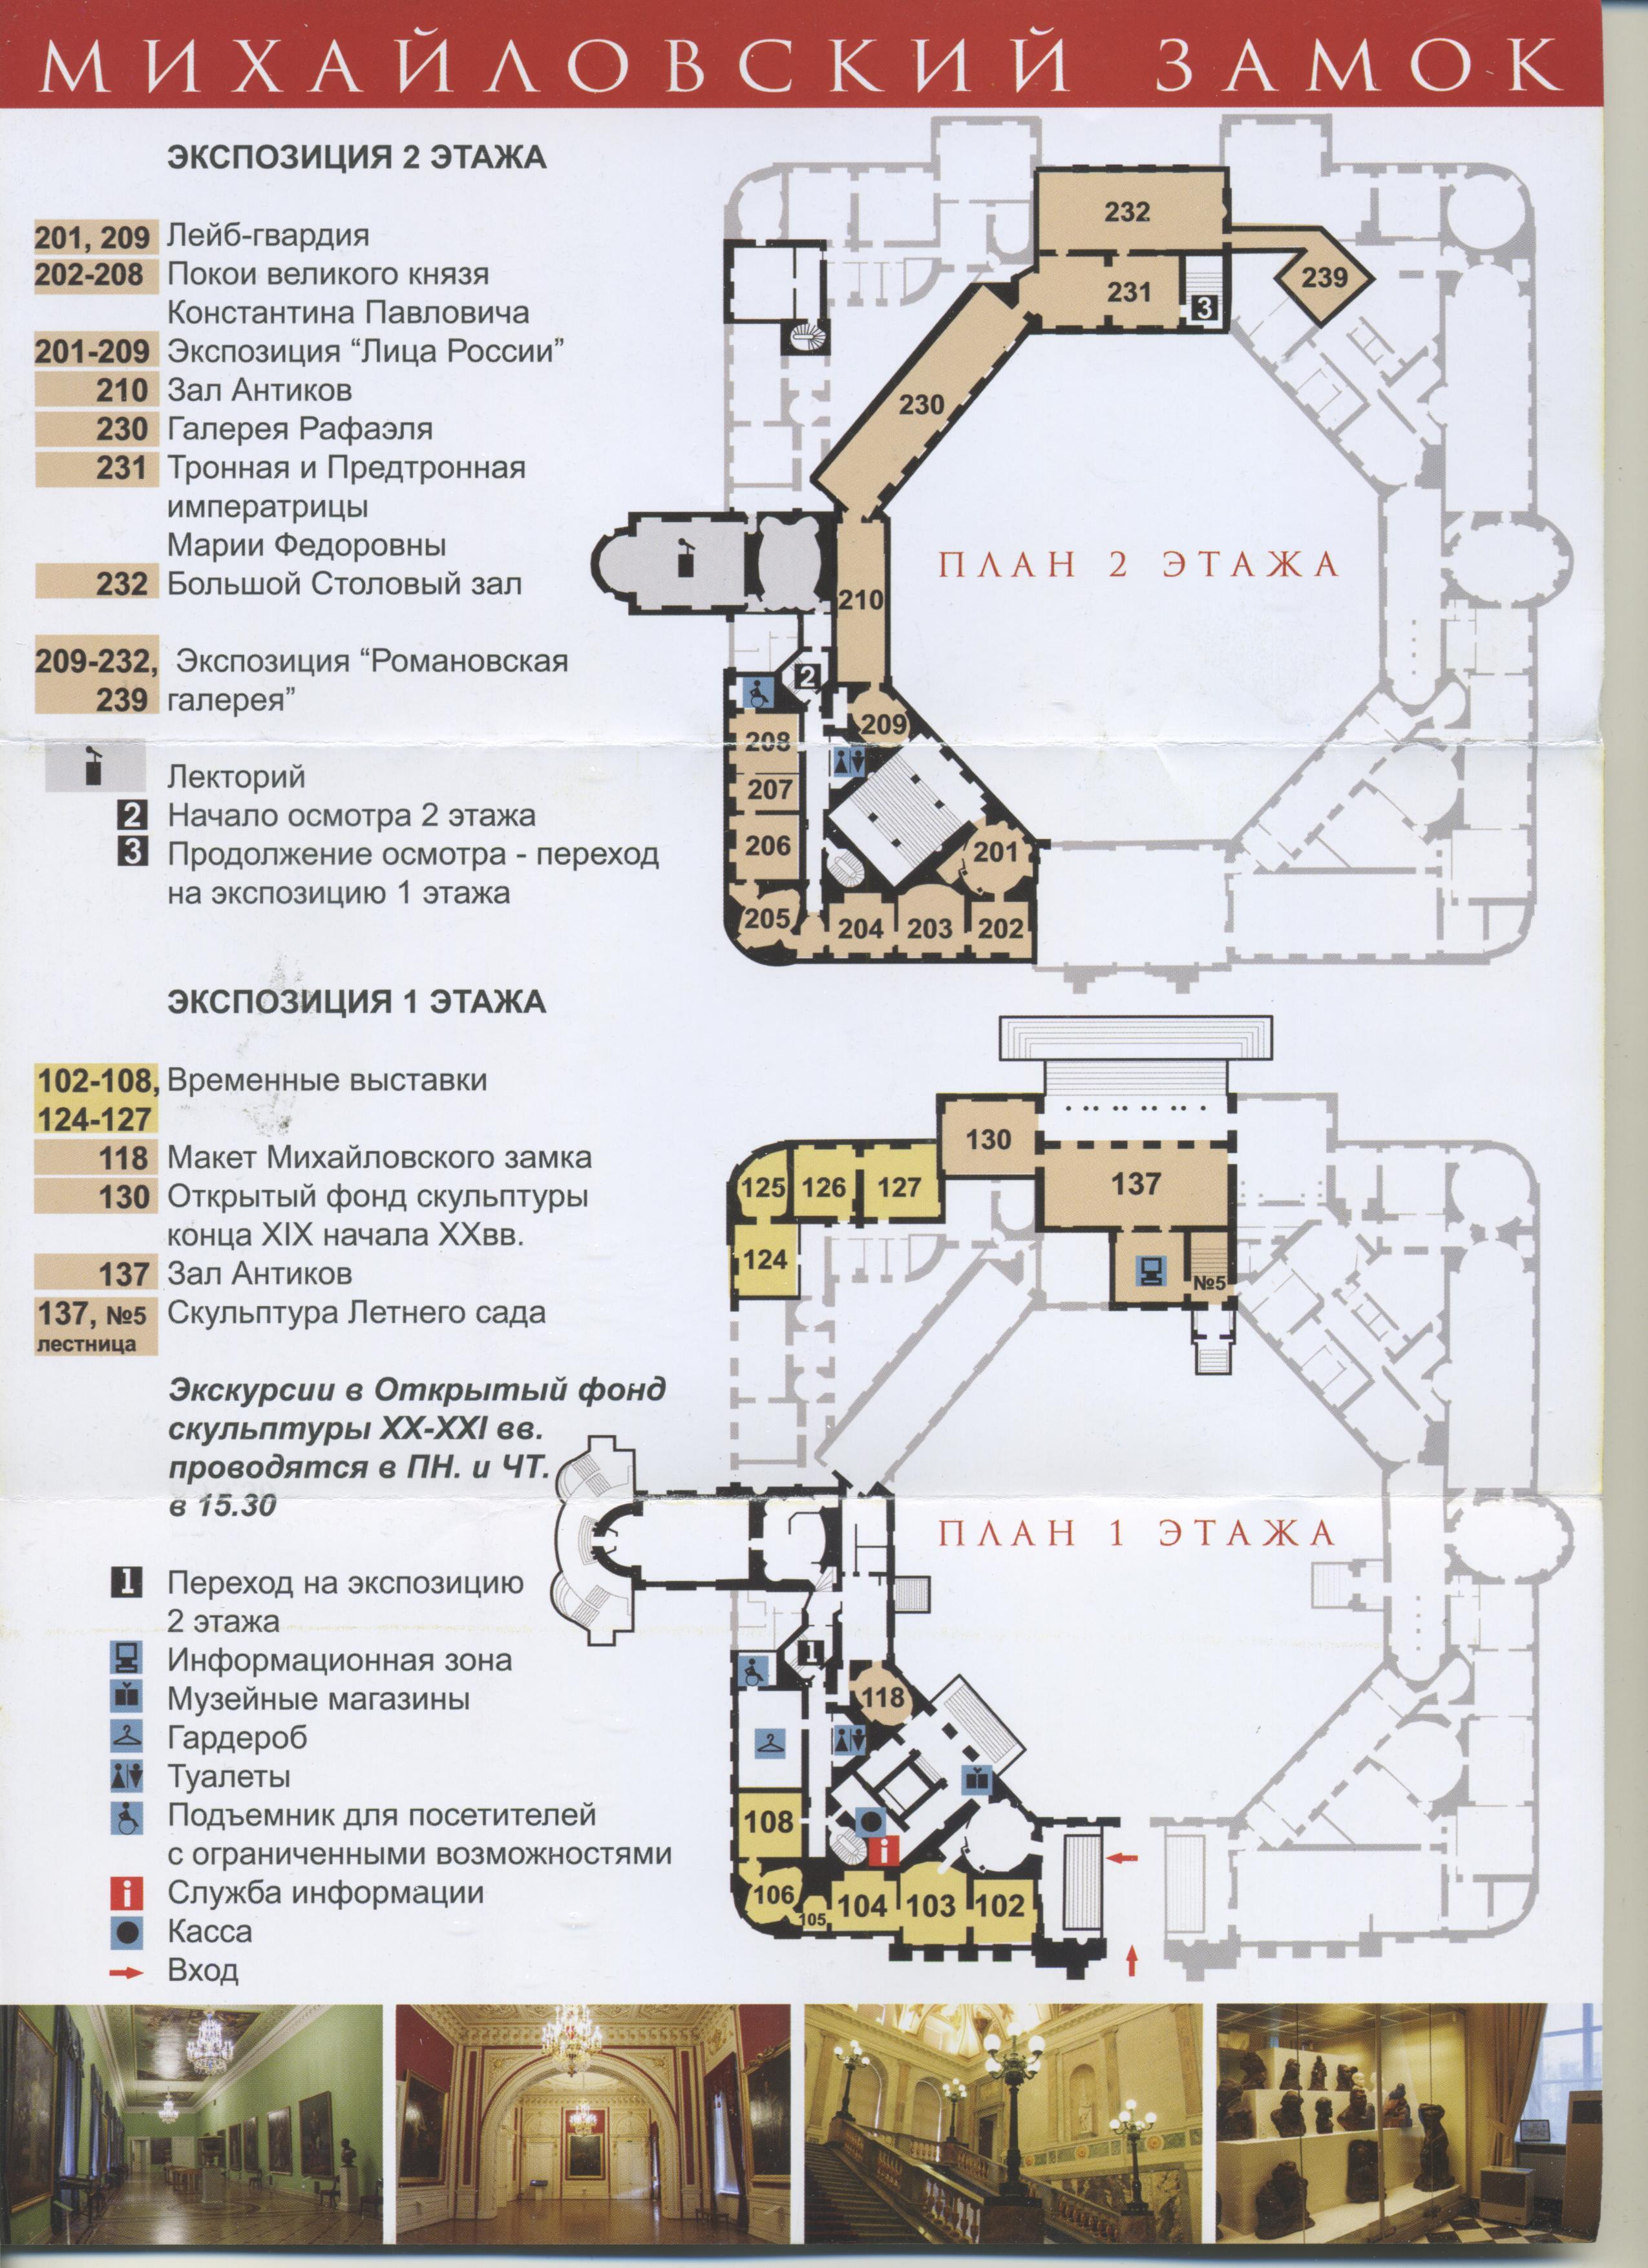 Михайловский замок схема залов